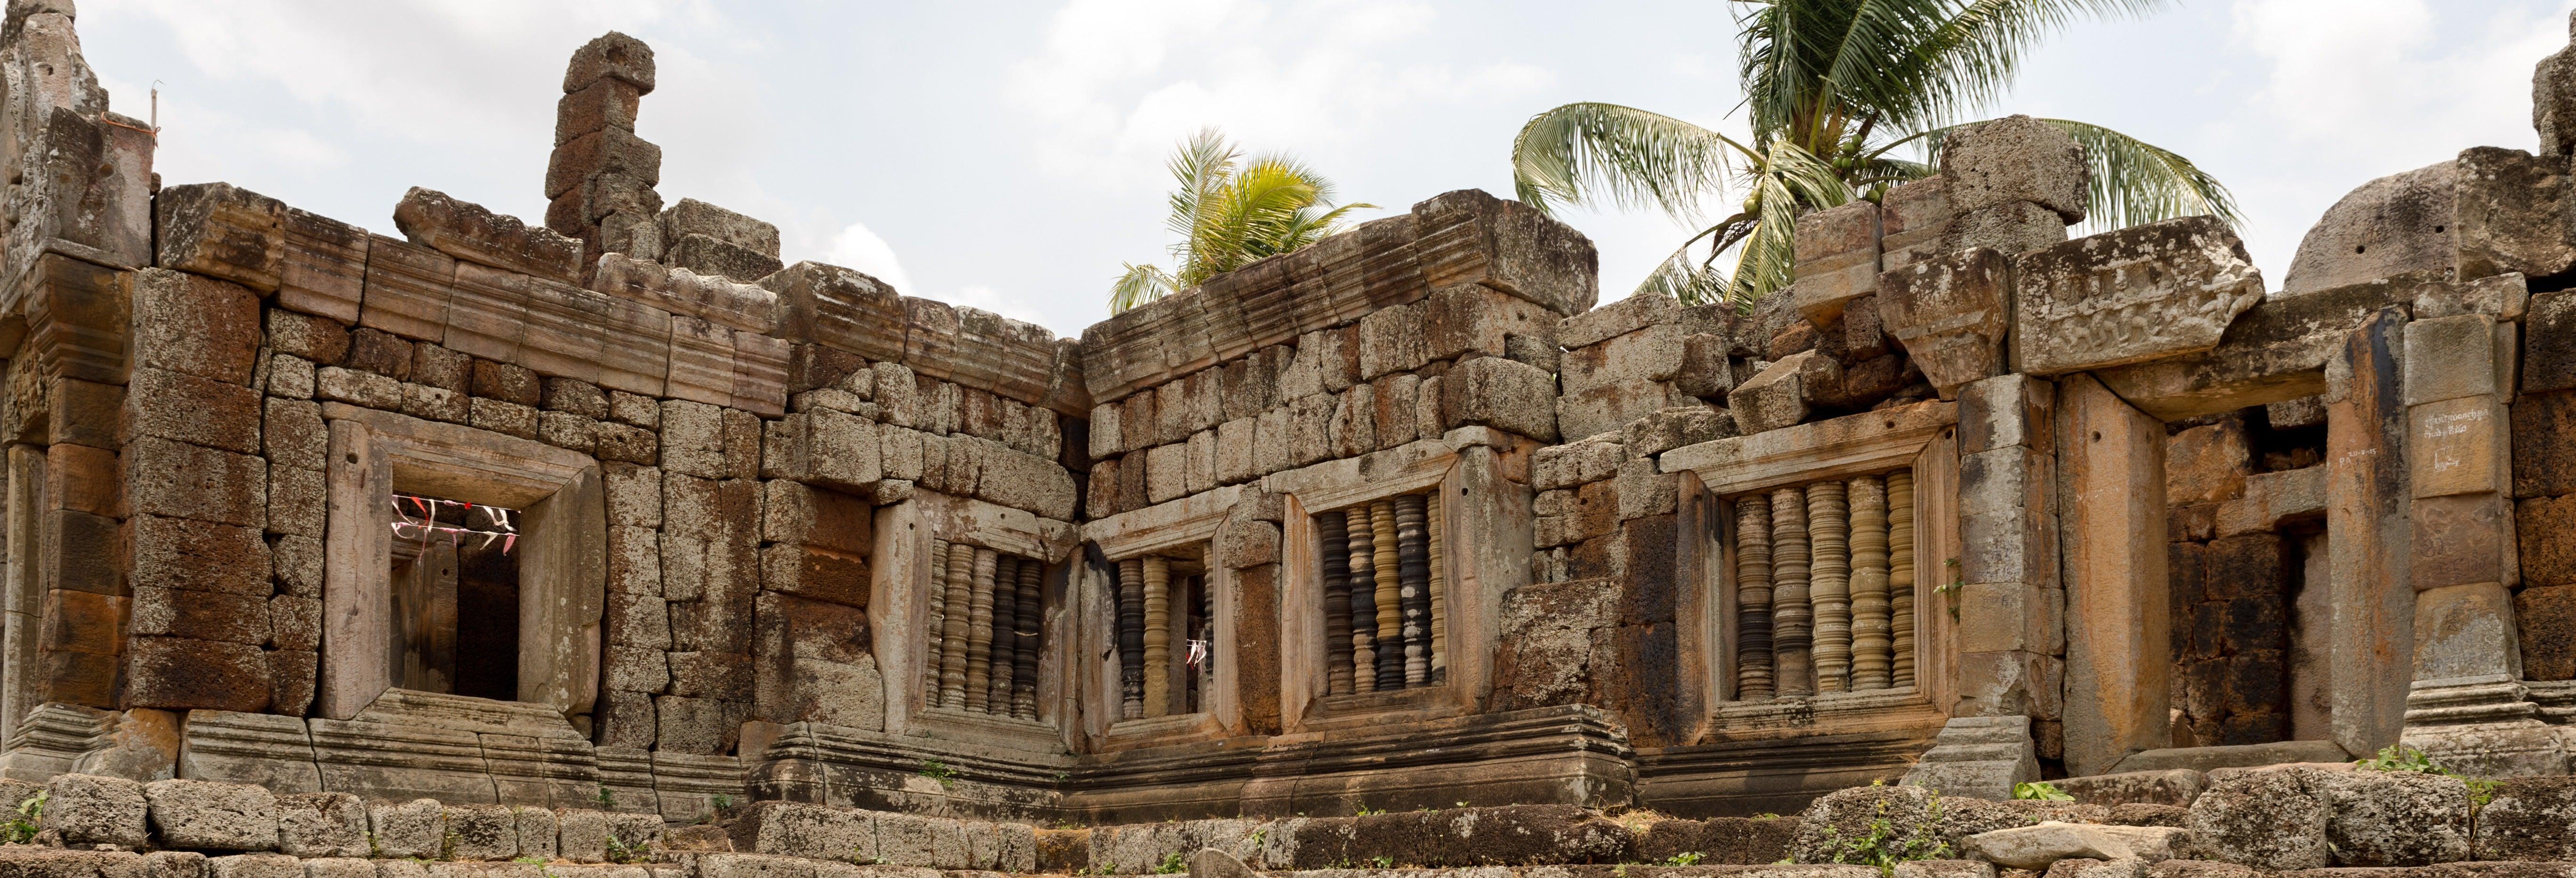 Excursão a Phnom Chisor e Tonle Bati